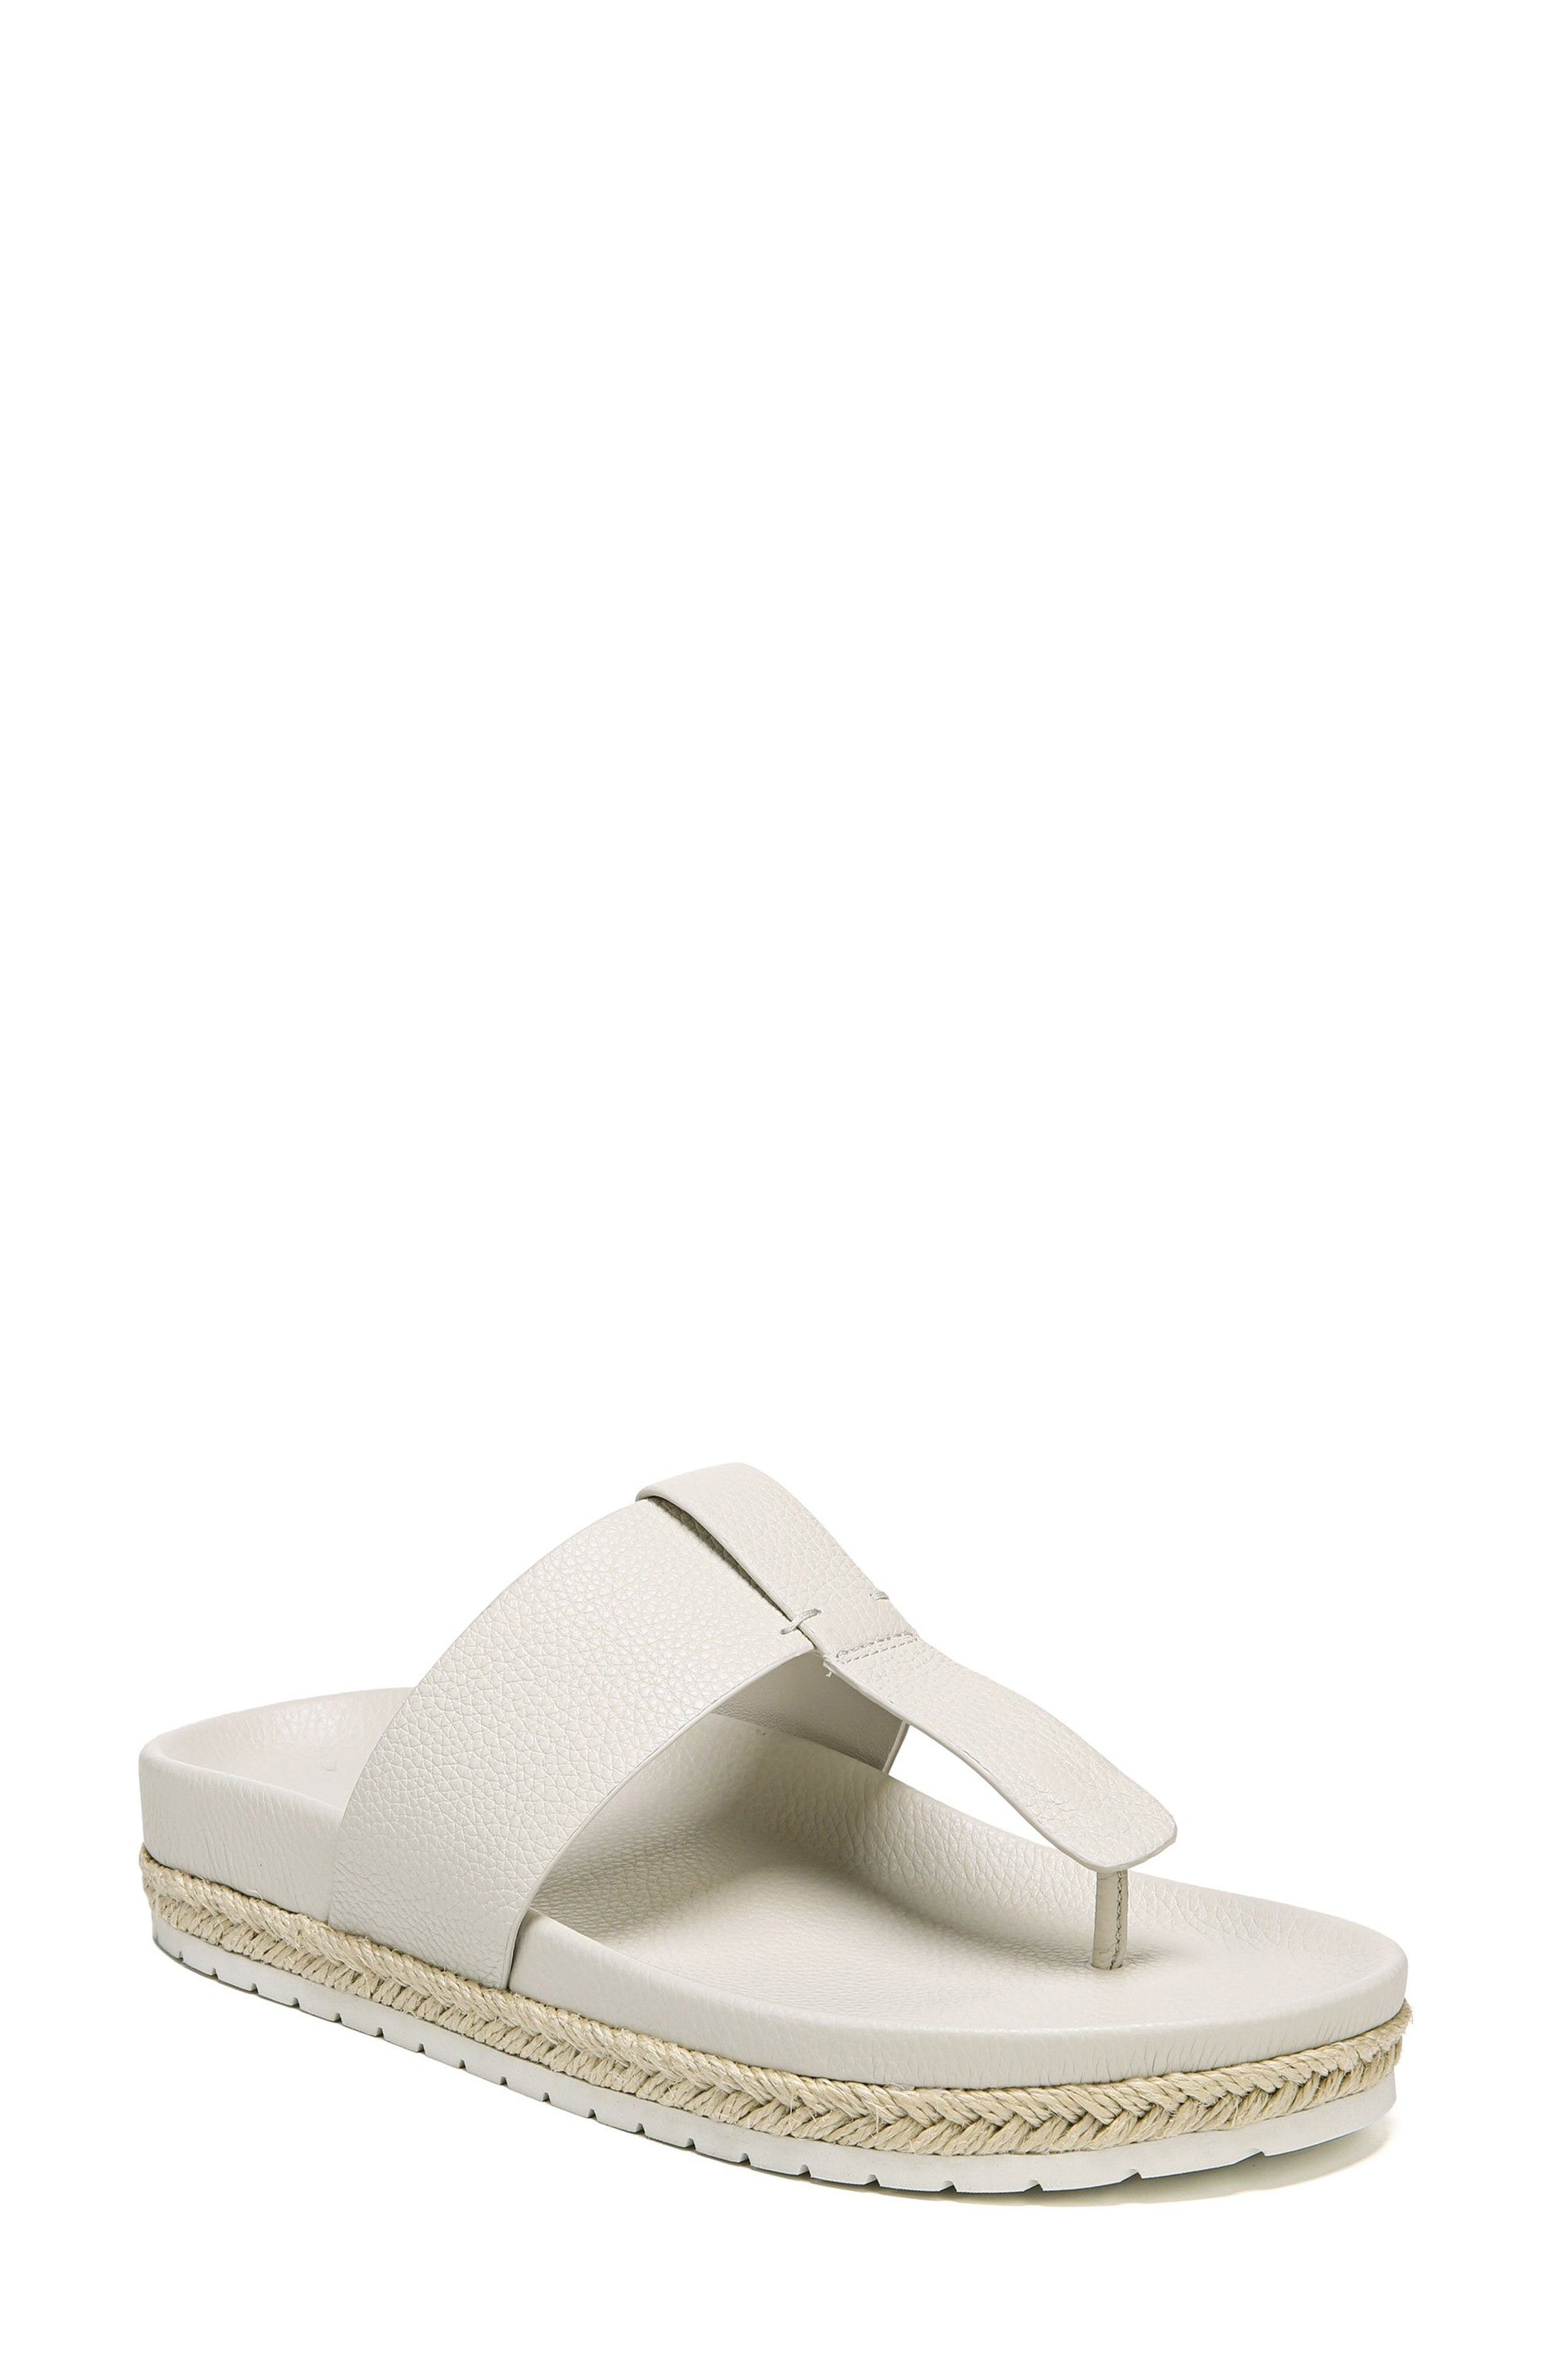 Avani T-Strap Flat Sandal,                             Main thumbnail 1, color,                             Oyster